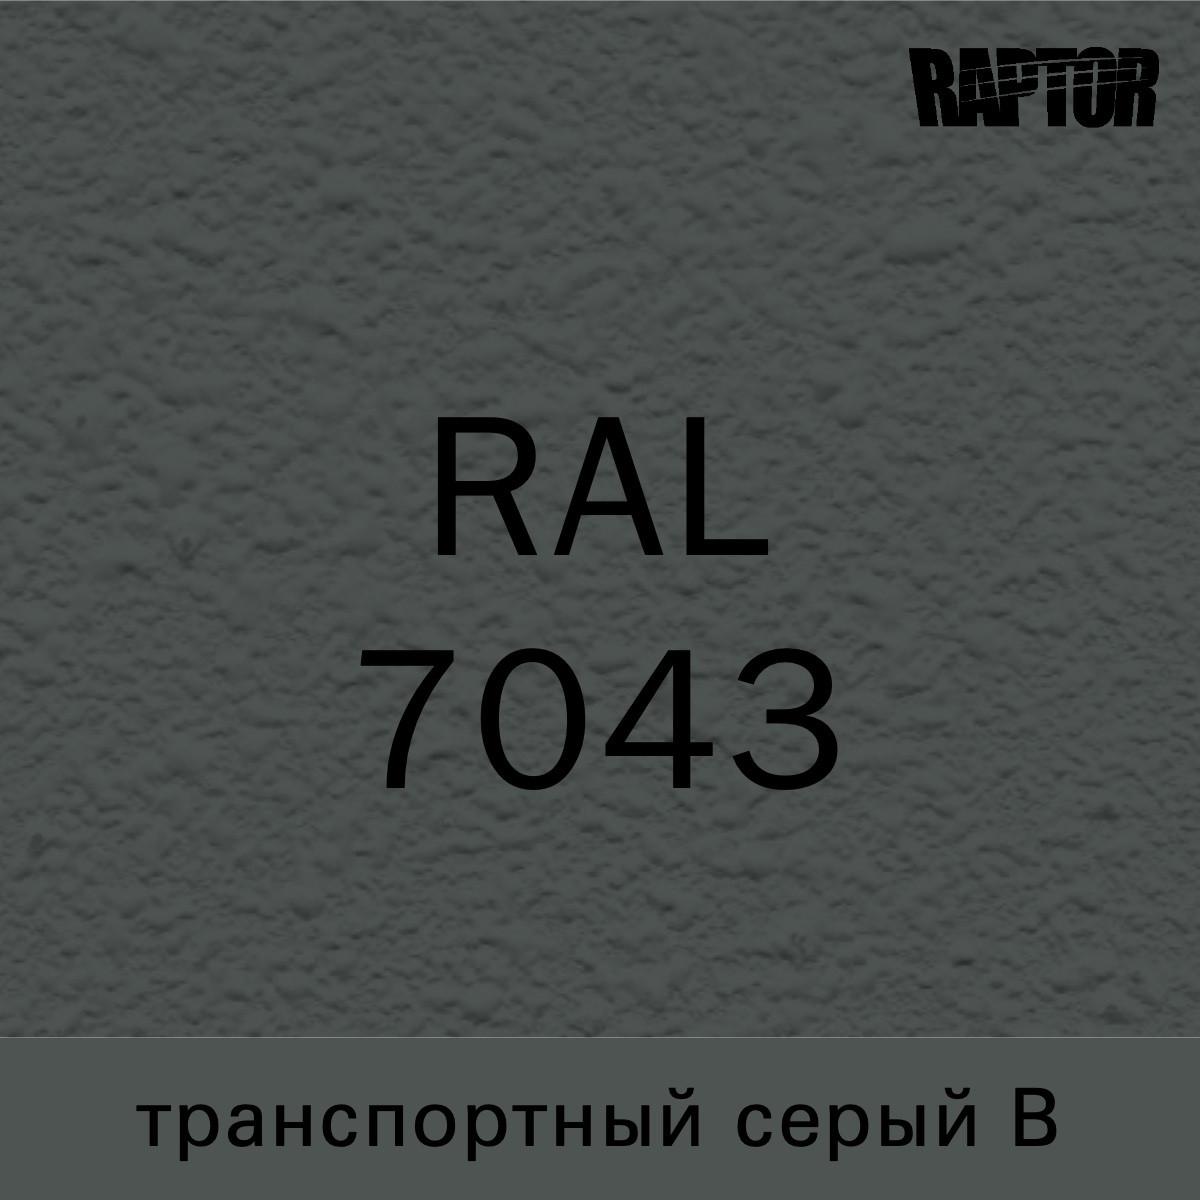 Пигмент для колеровки покрытия RAPTOR™ Транспортный серый В (RAL 7043)